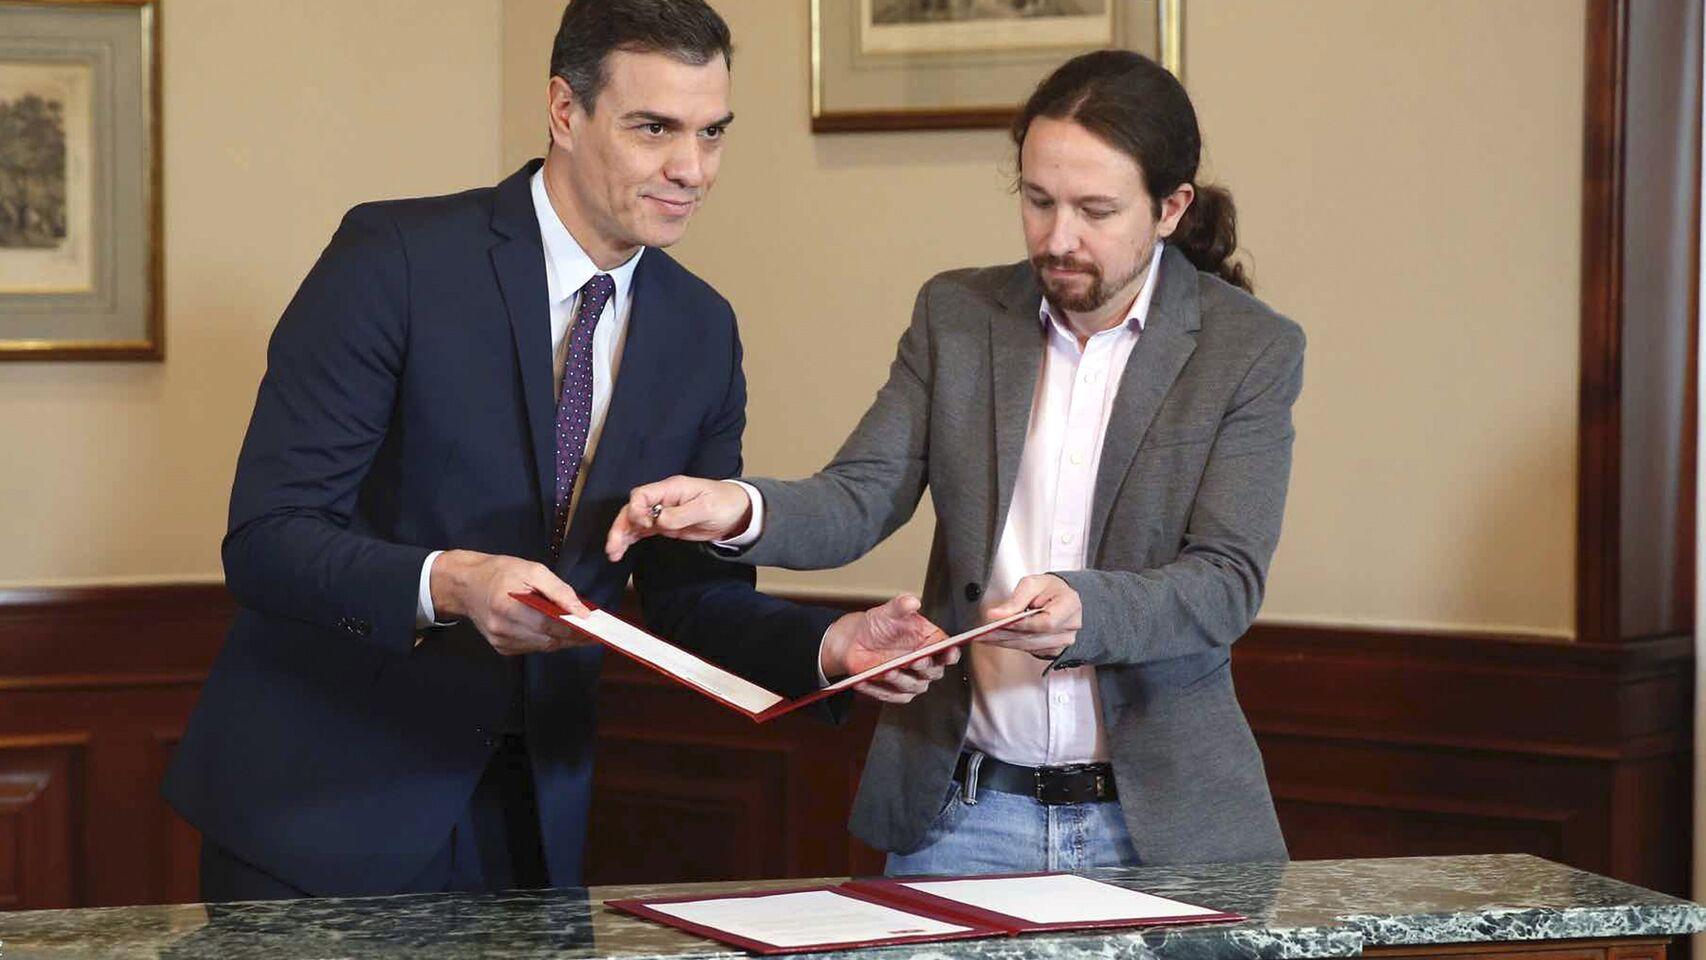 Espagne : Les socialistes et la gauche radicale signent un accord de principe pour former un gouvernement